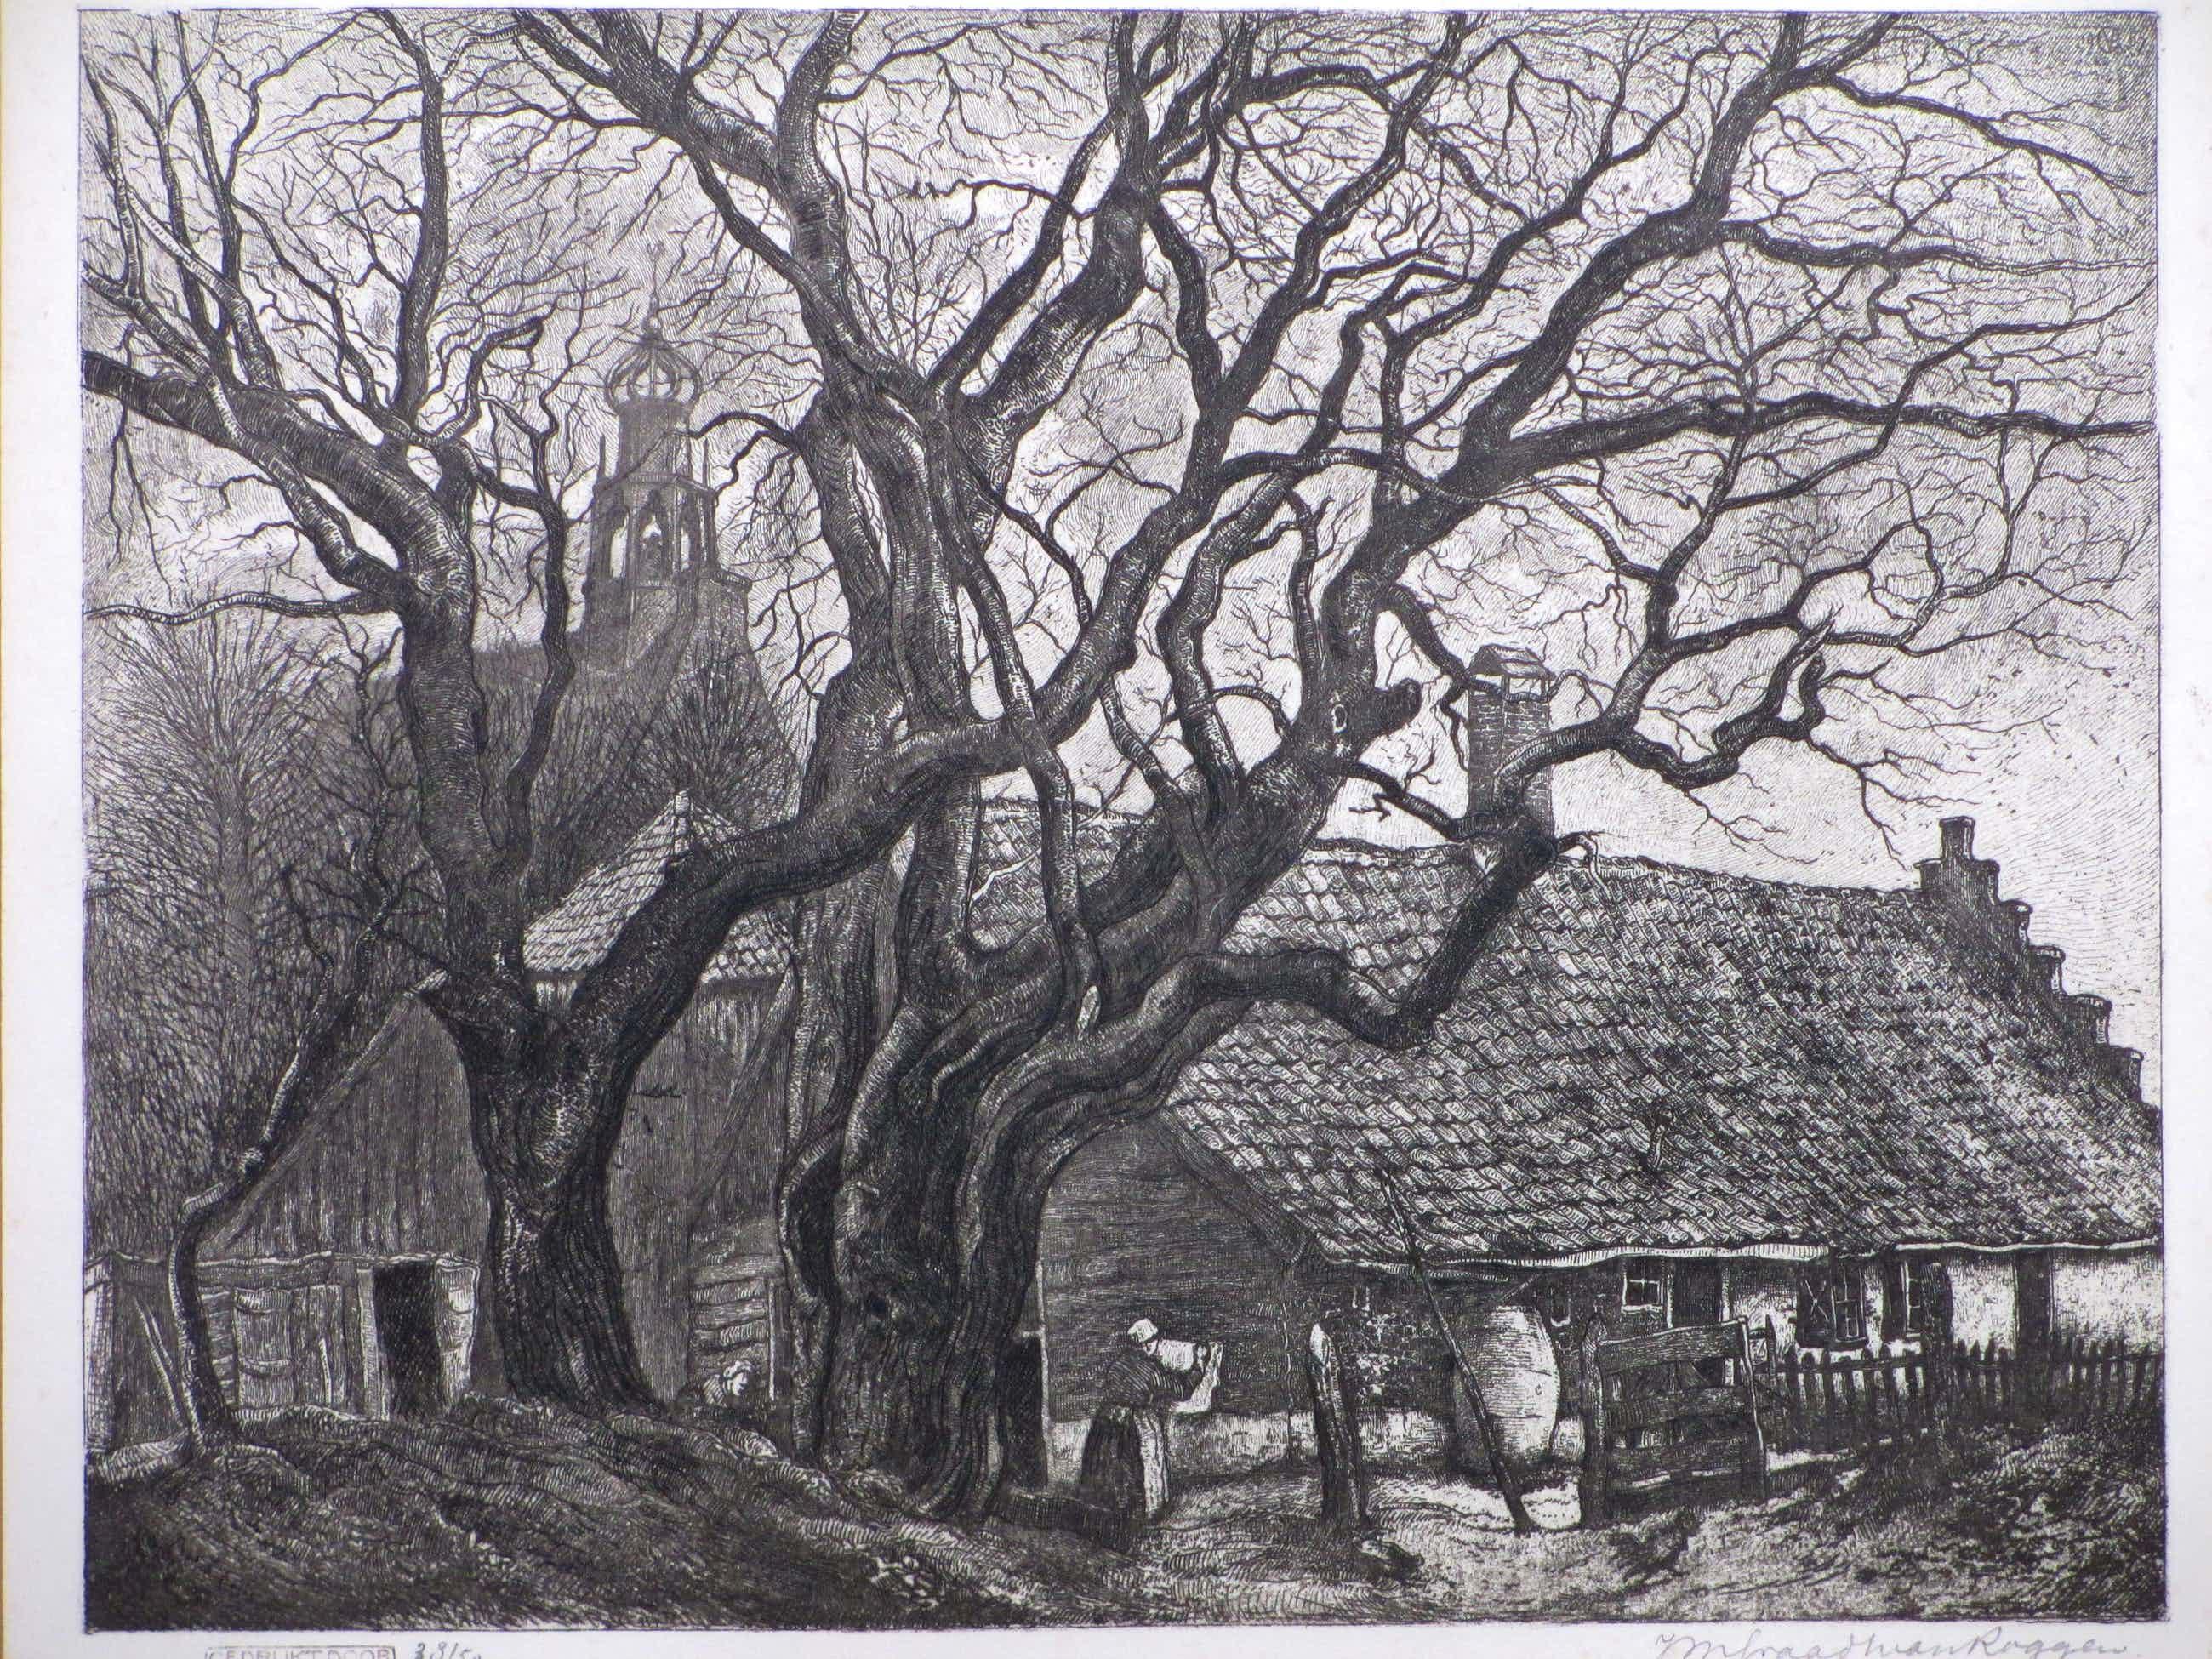 Johannes Graadt van Roggen - Achter de kerk te Bergen - Ets kopen? Bied vanaf 120!